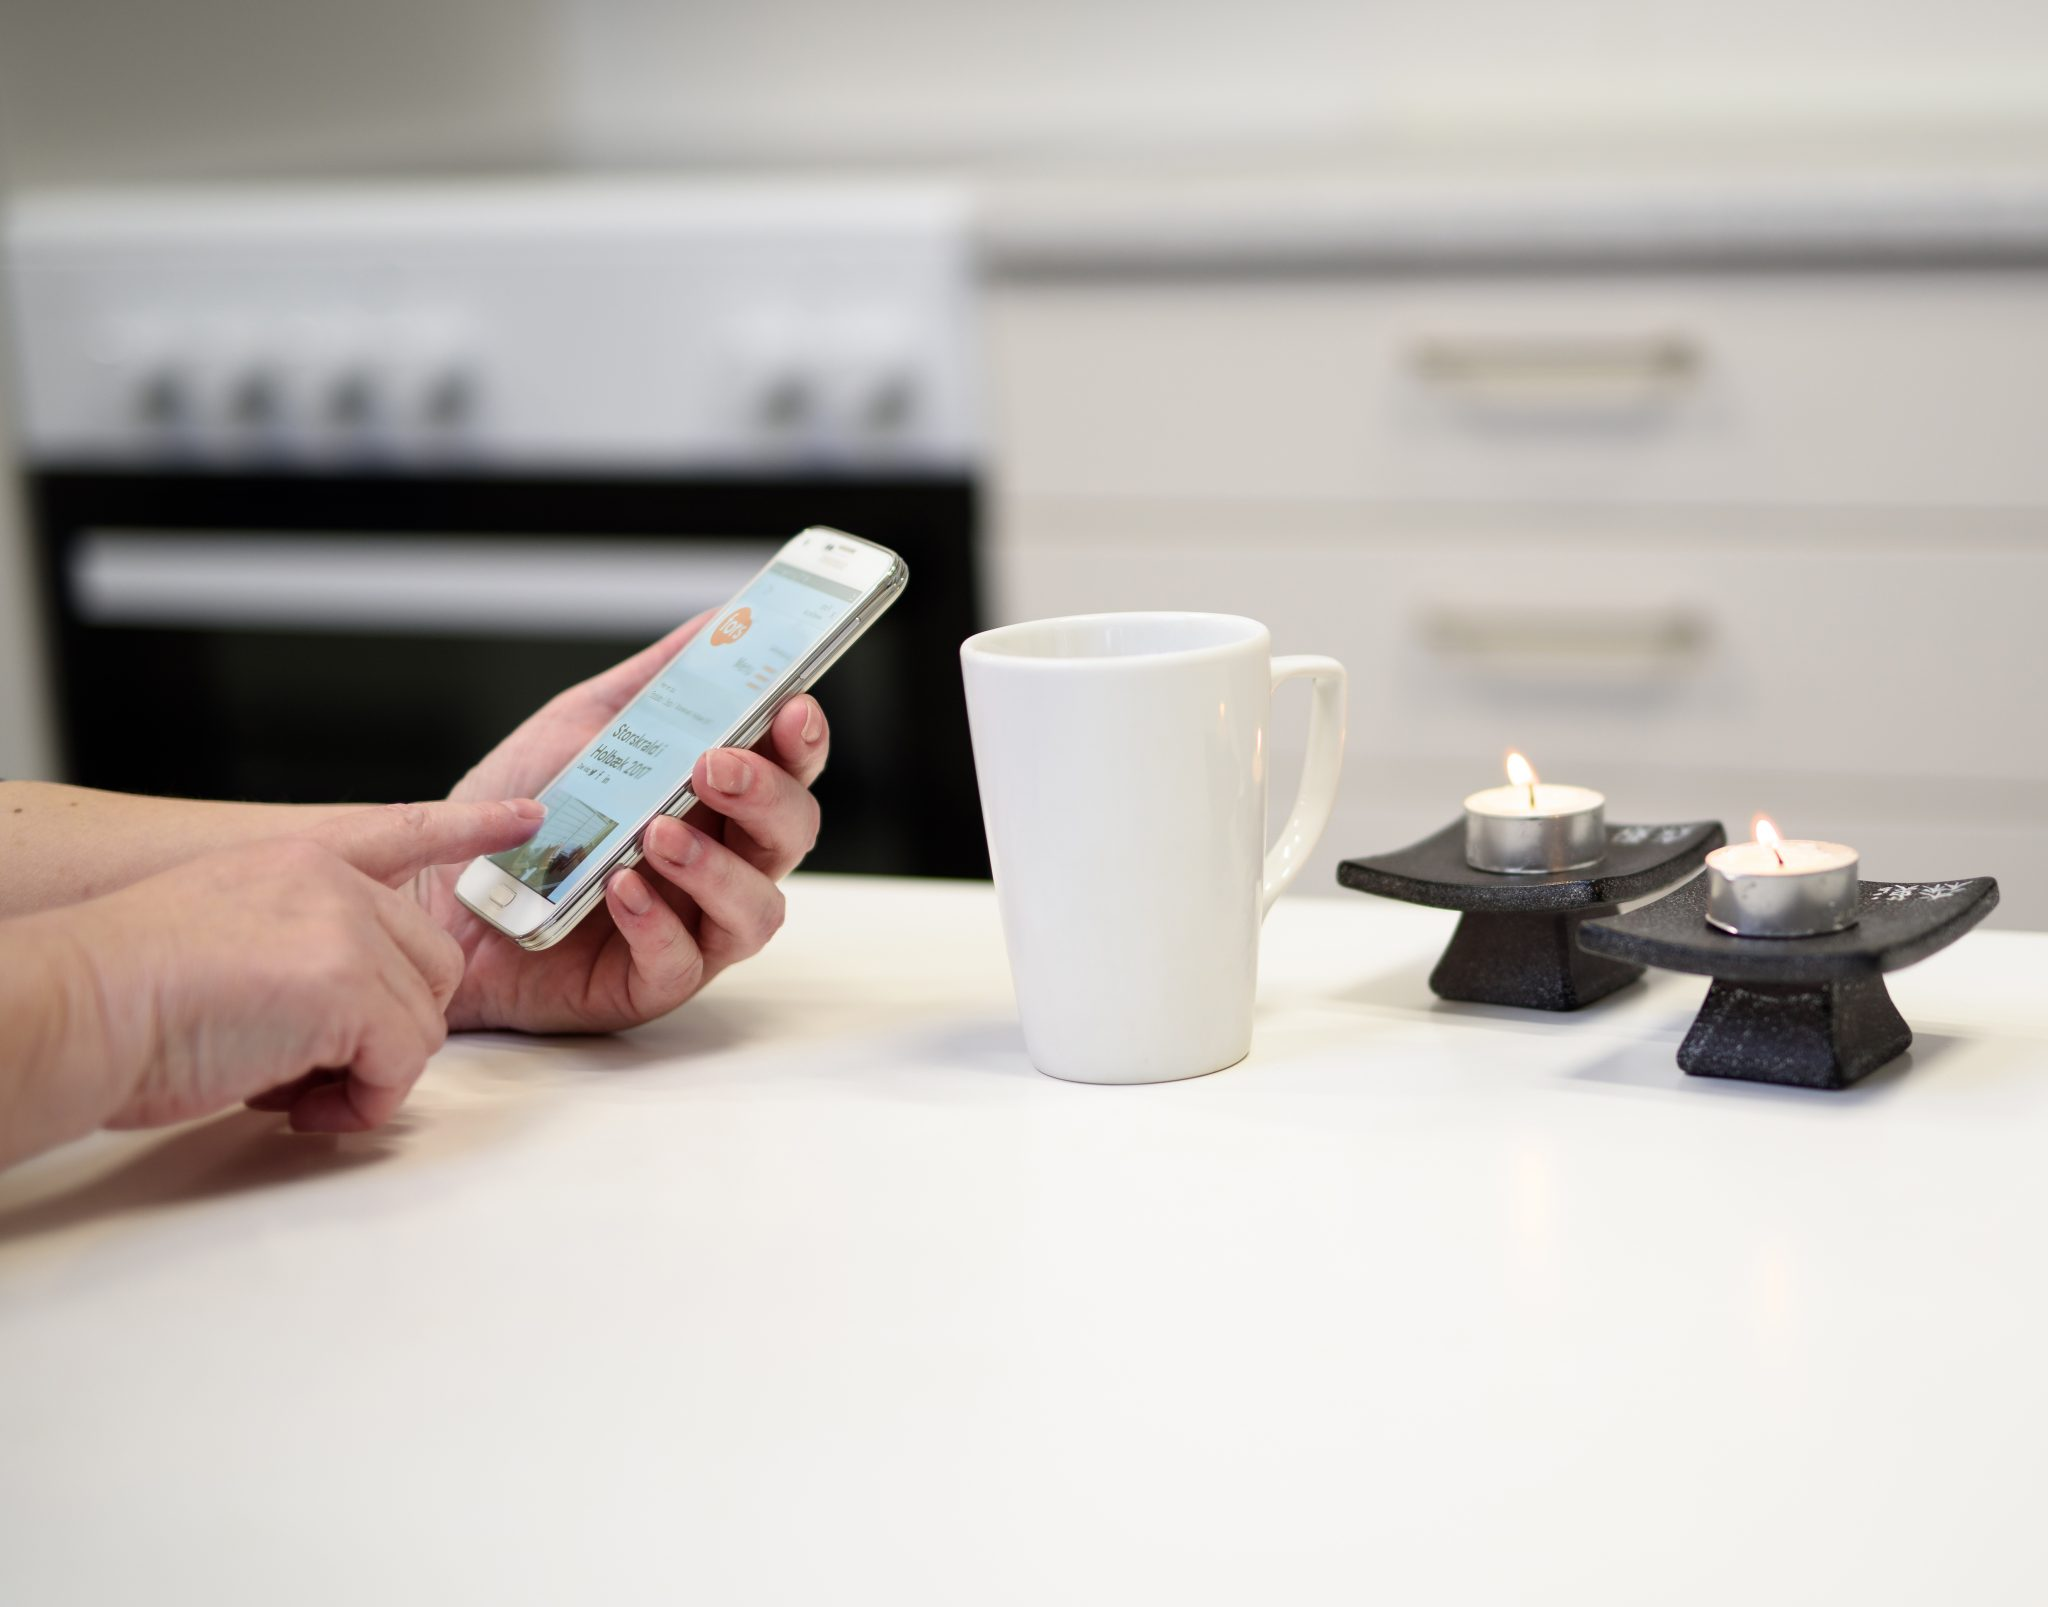 Fors mobiltelefon-1 eksperiment3